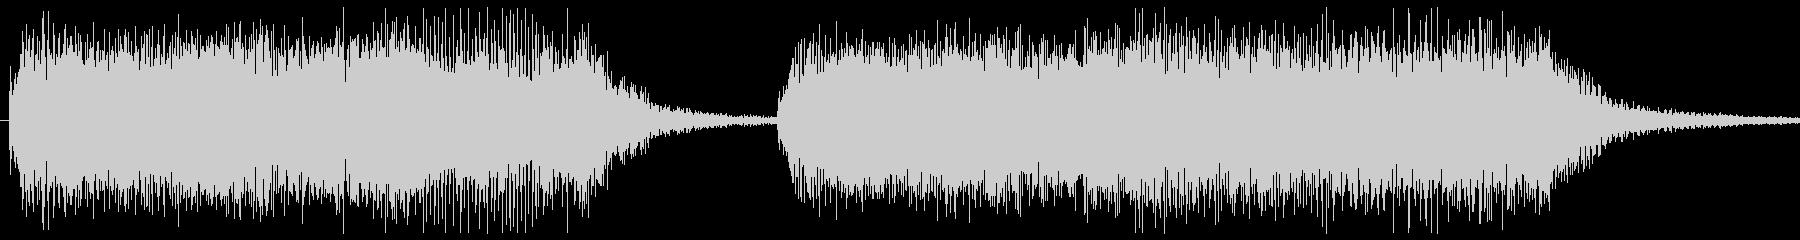 勝利画面BGM 場面切り替え等の未再生の波形